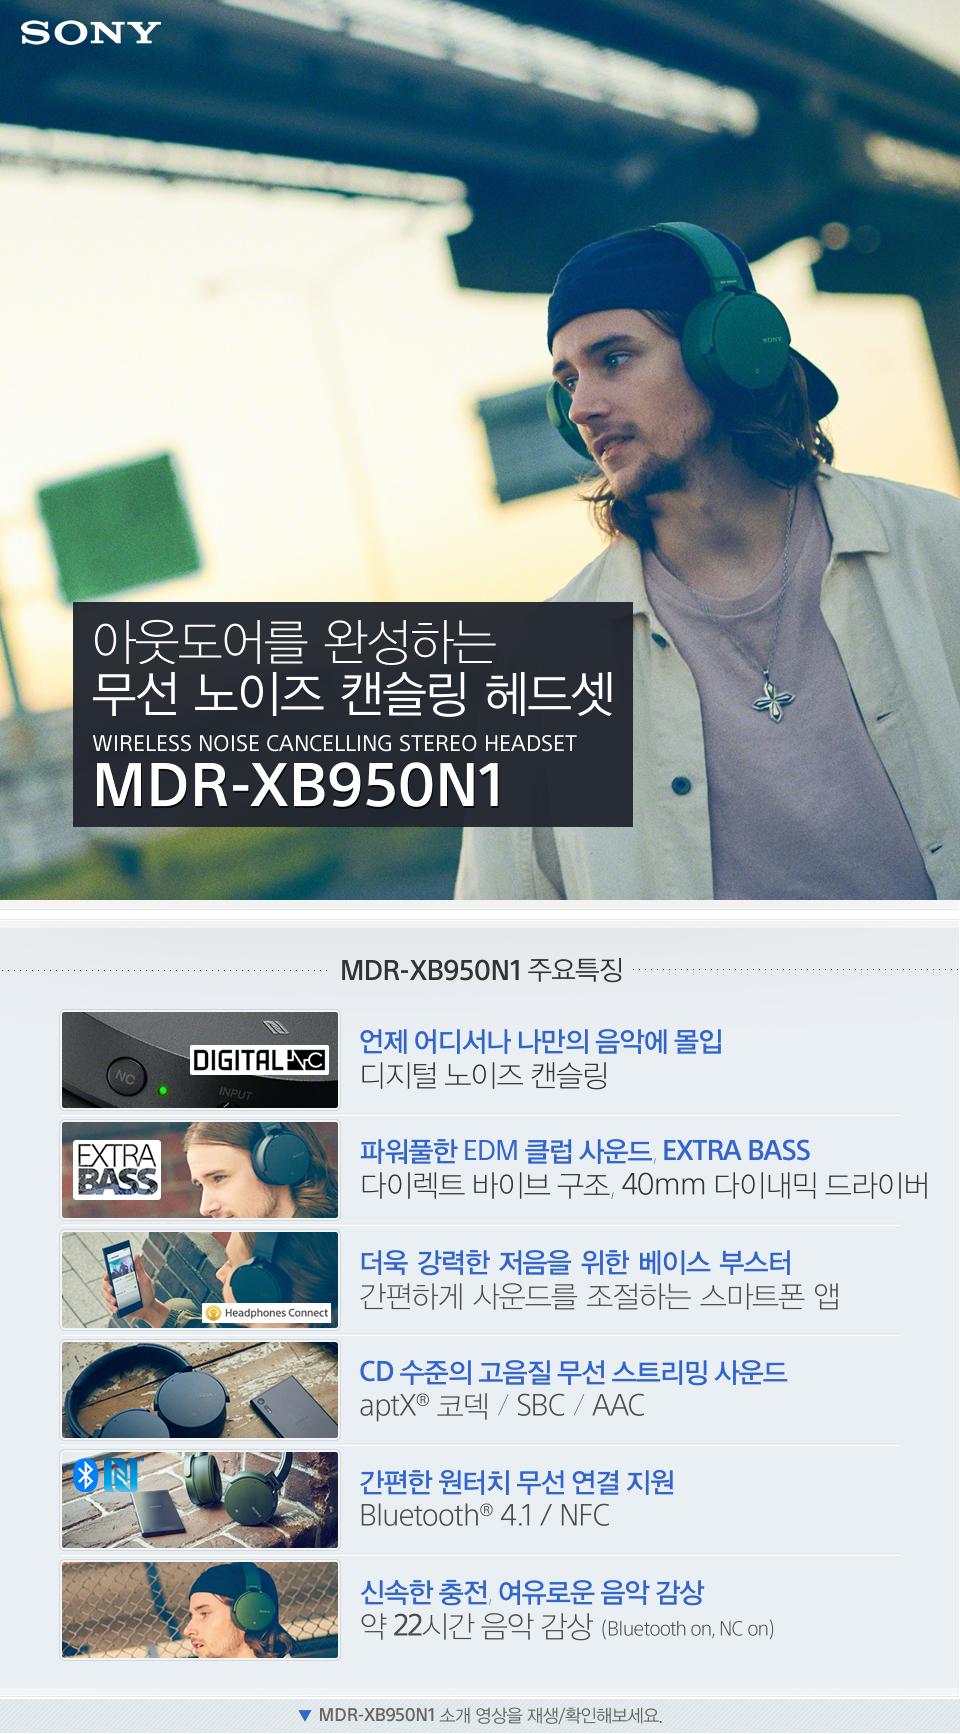 mdrxb950n1_01_r1_c1.jpg